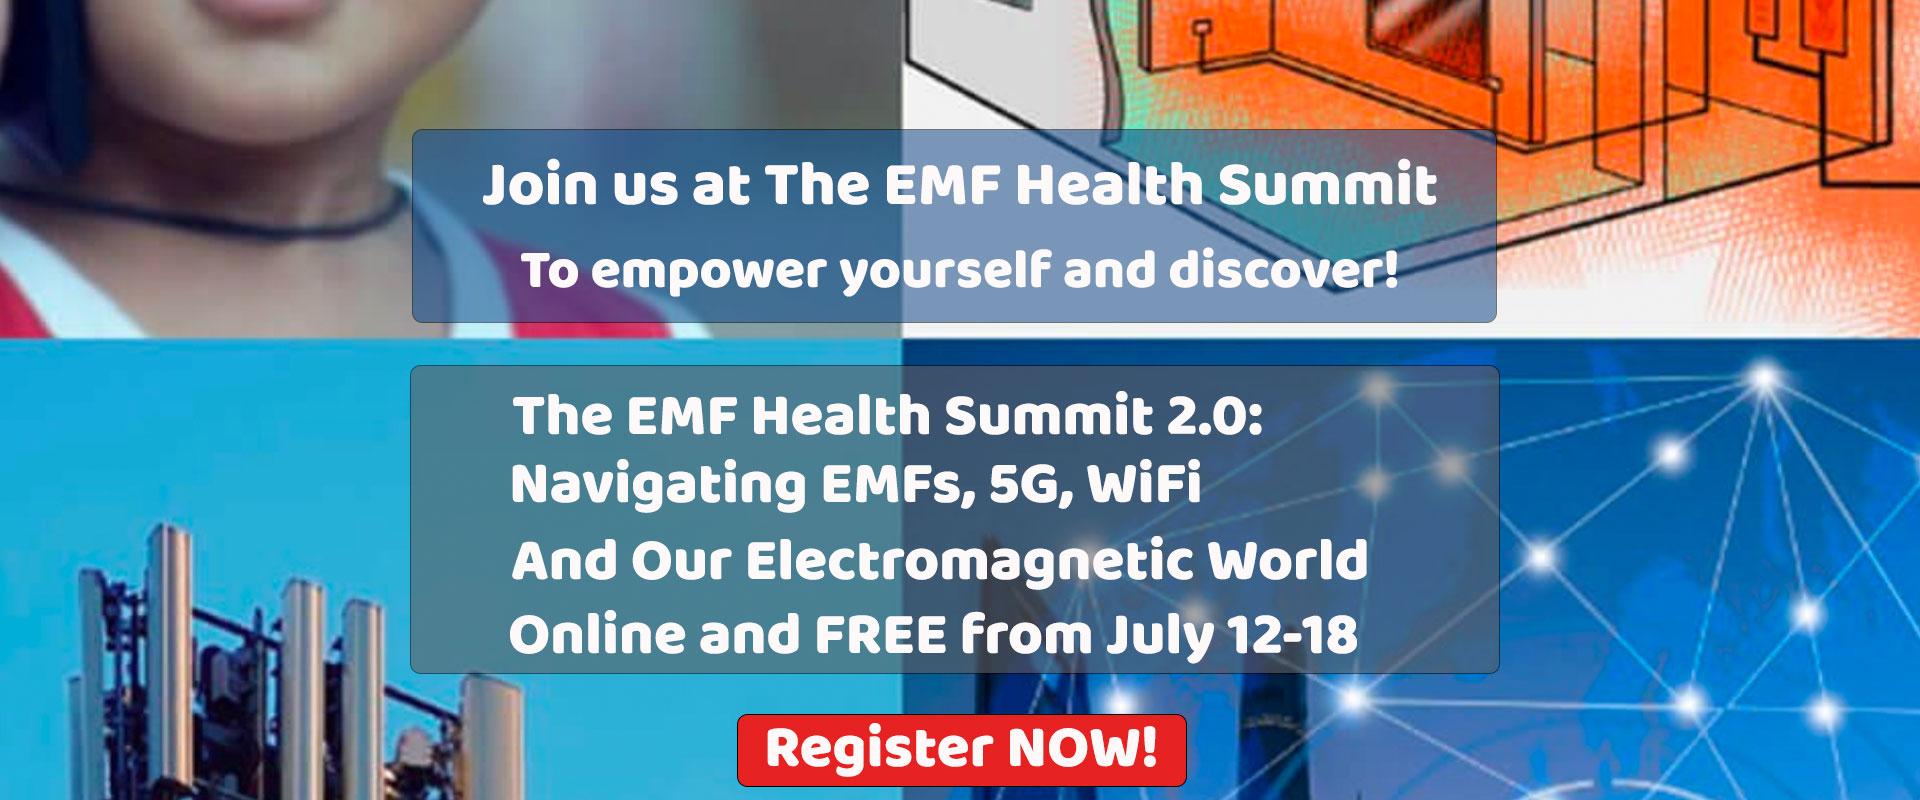 emf-health-conference-register-banner-1920x800.jpg